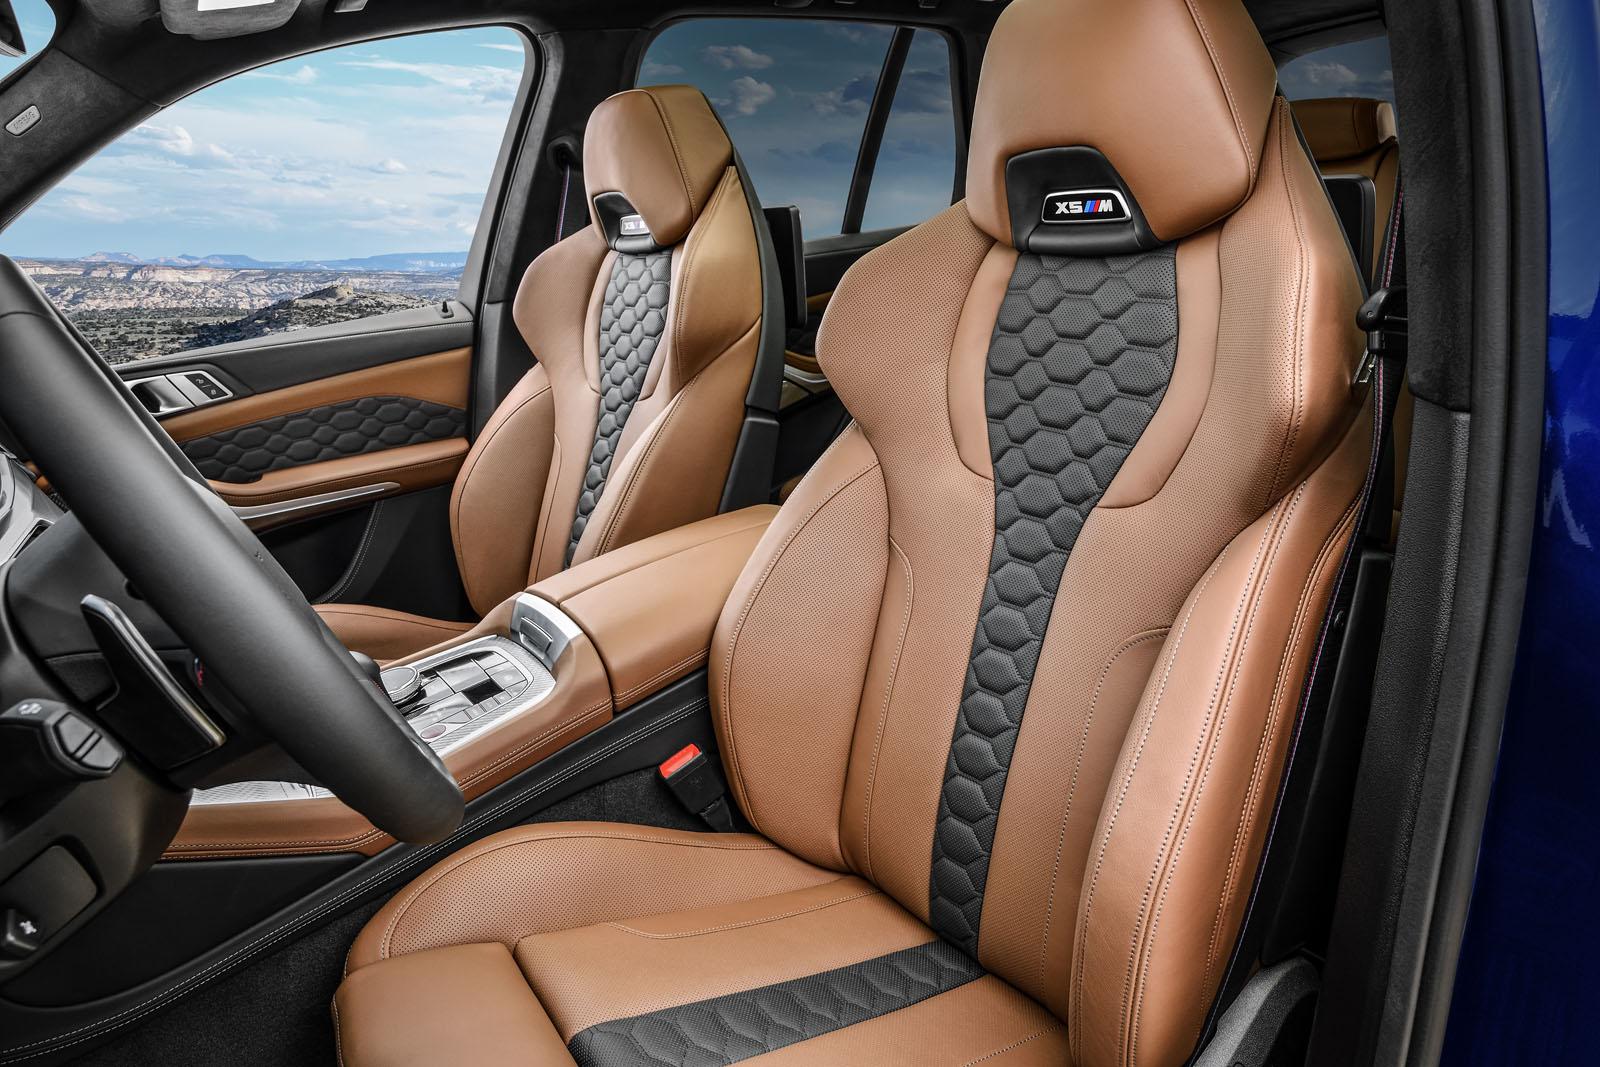 BMW X5 M seats